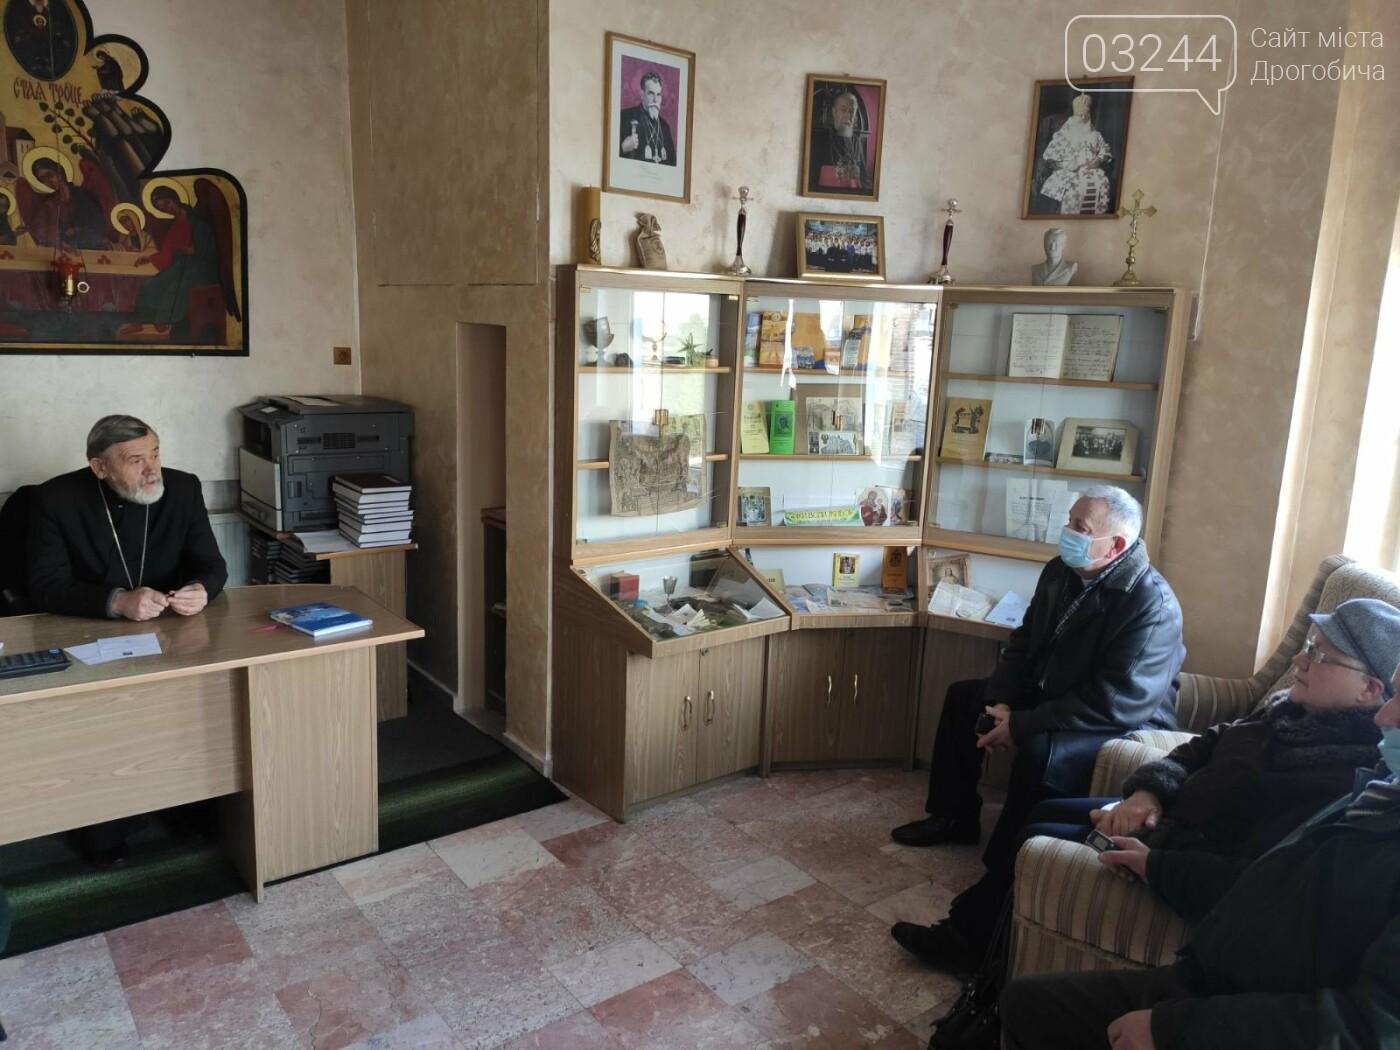 Історичний день: 30 років тому міліція Дрогобича одна з перших в СРСР присягнула на вірність Україні, фото-5